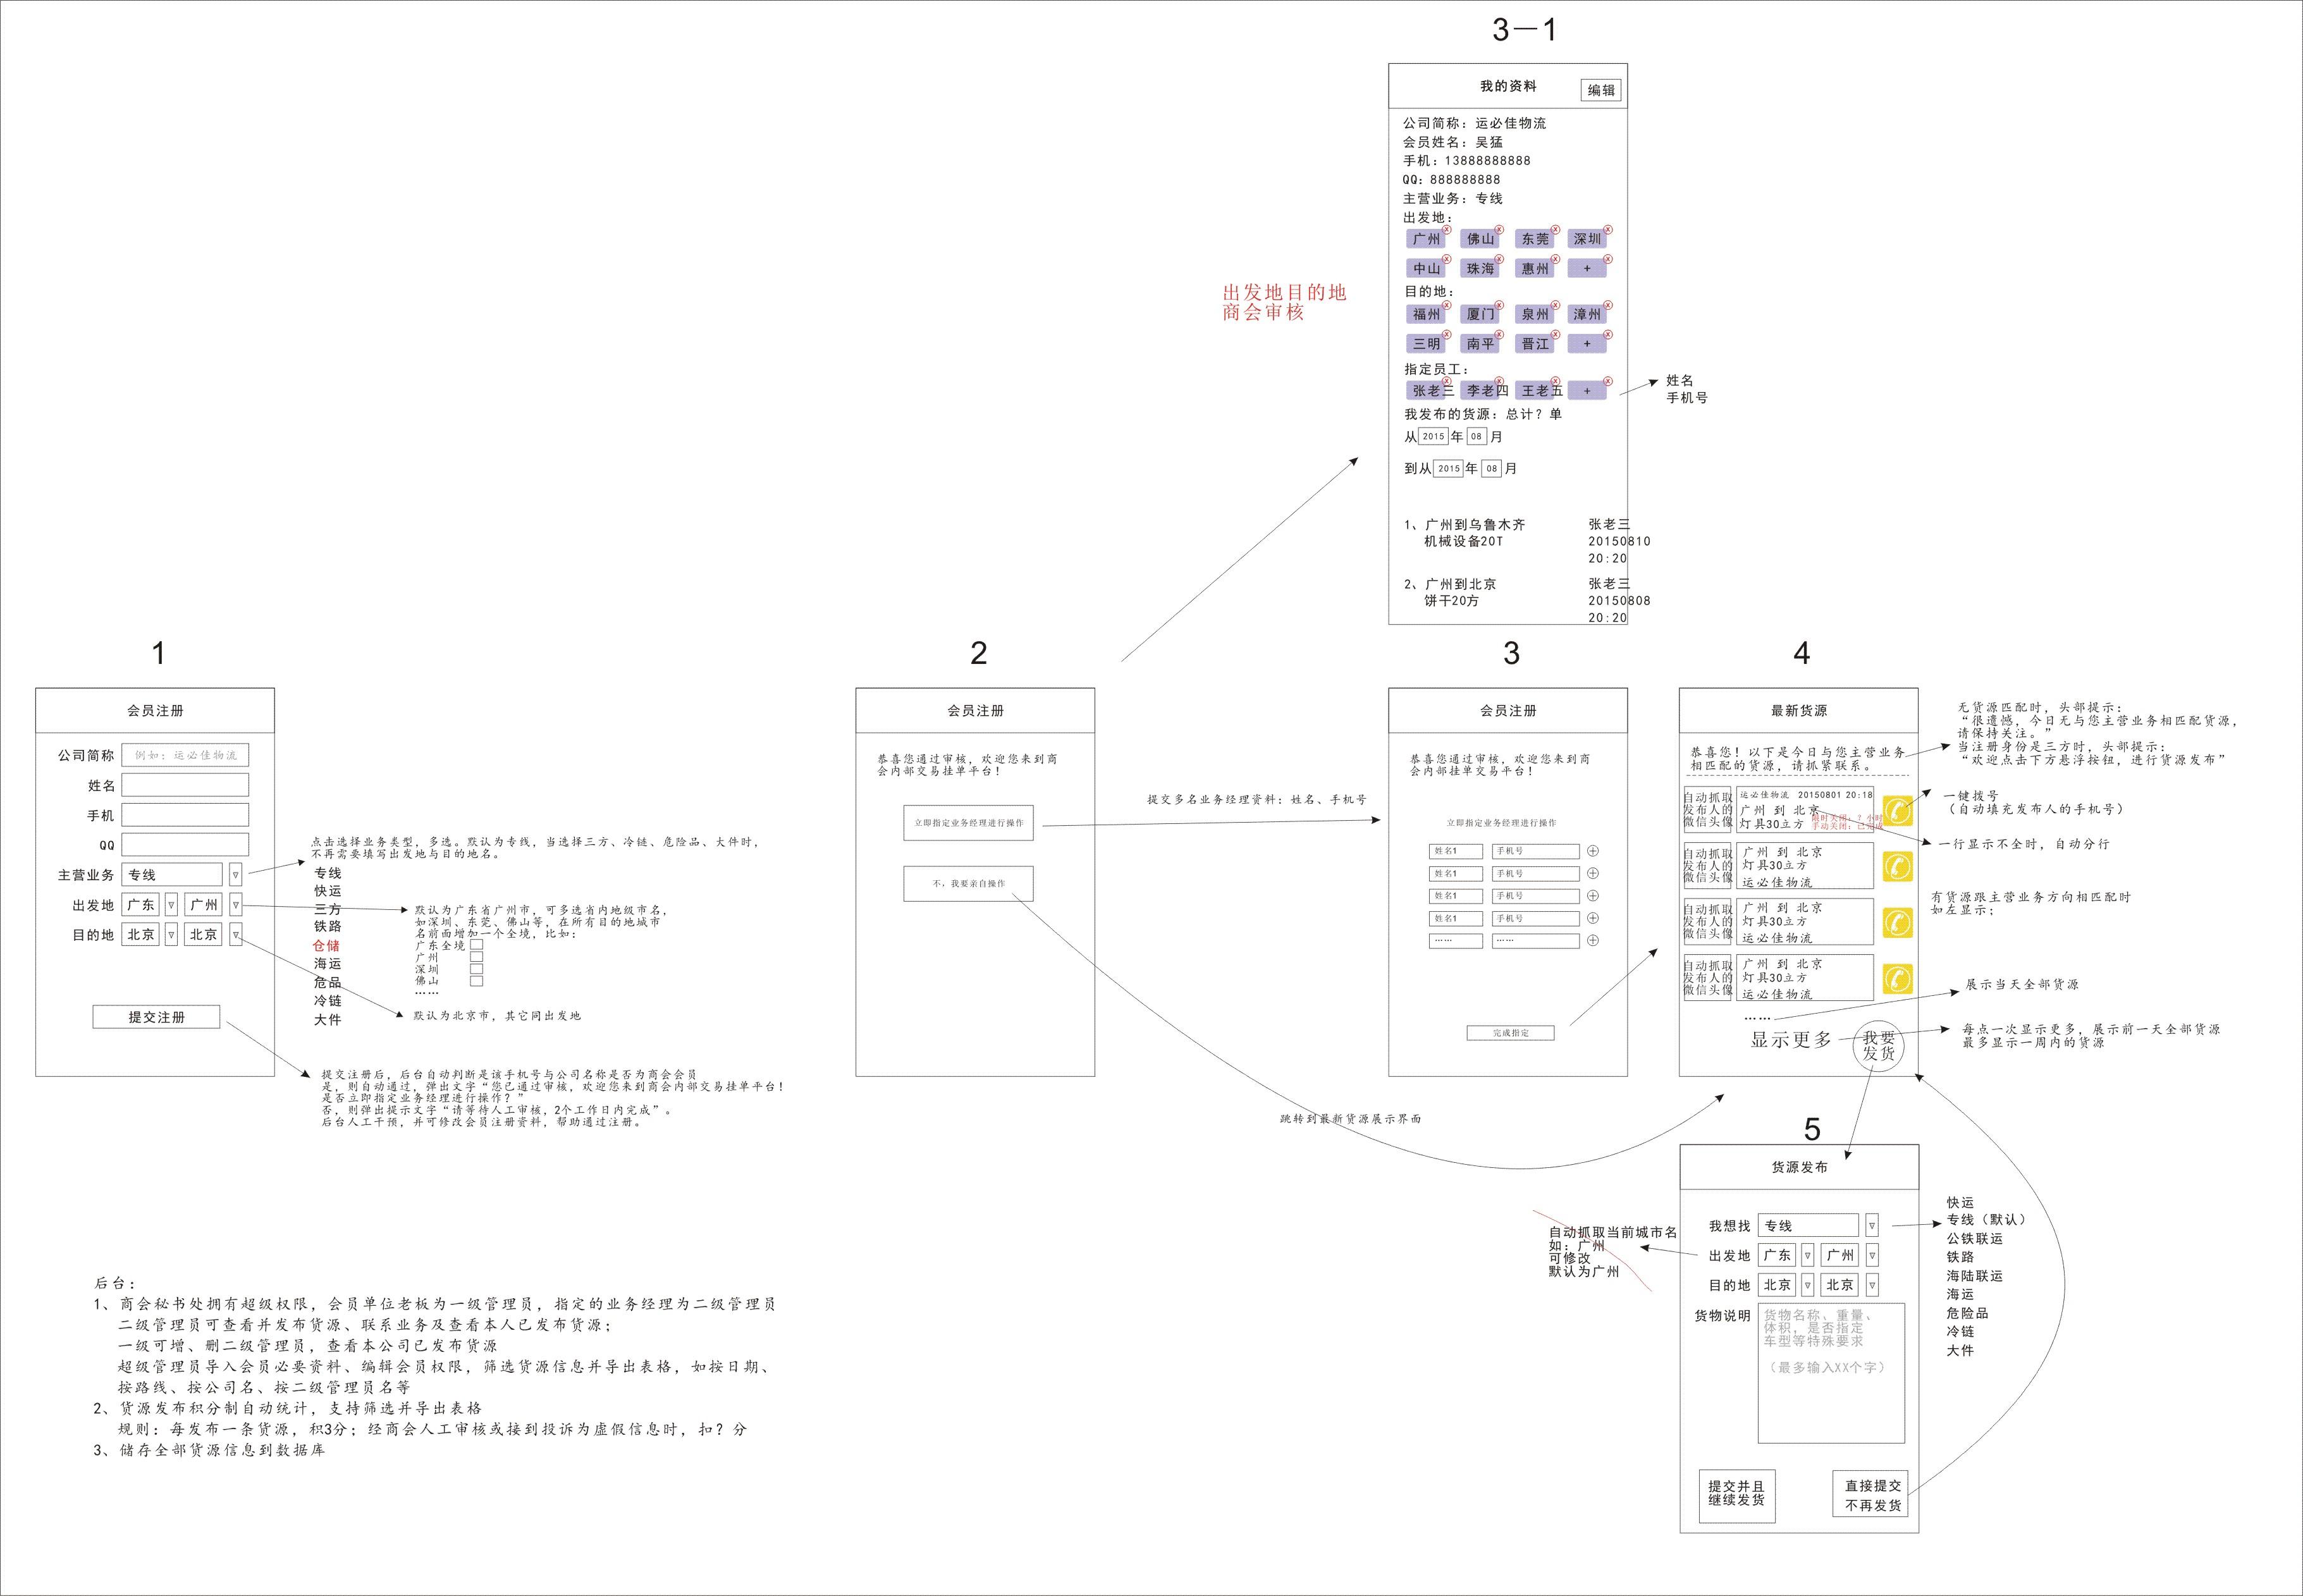 小程序ui界面设计,欢迎兼职